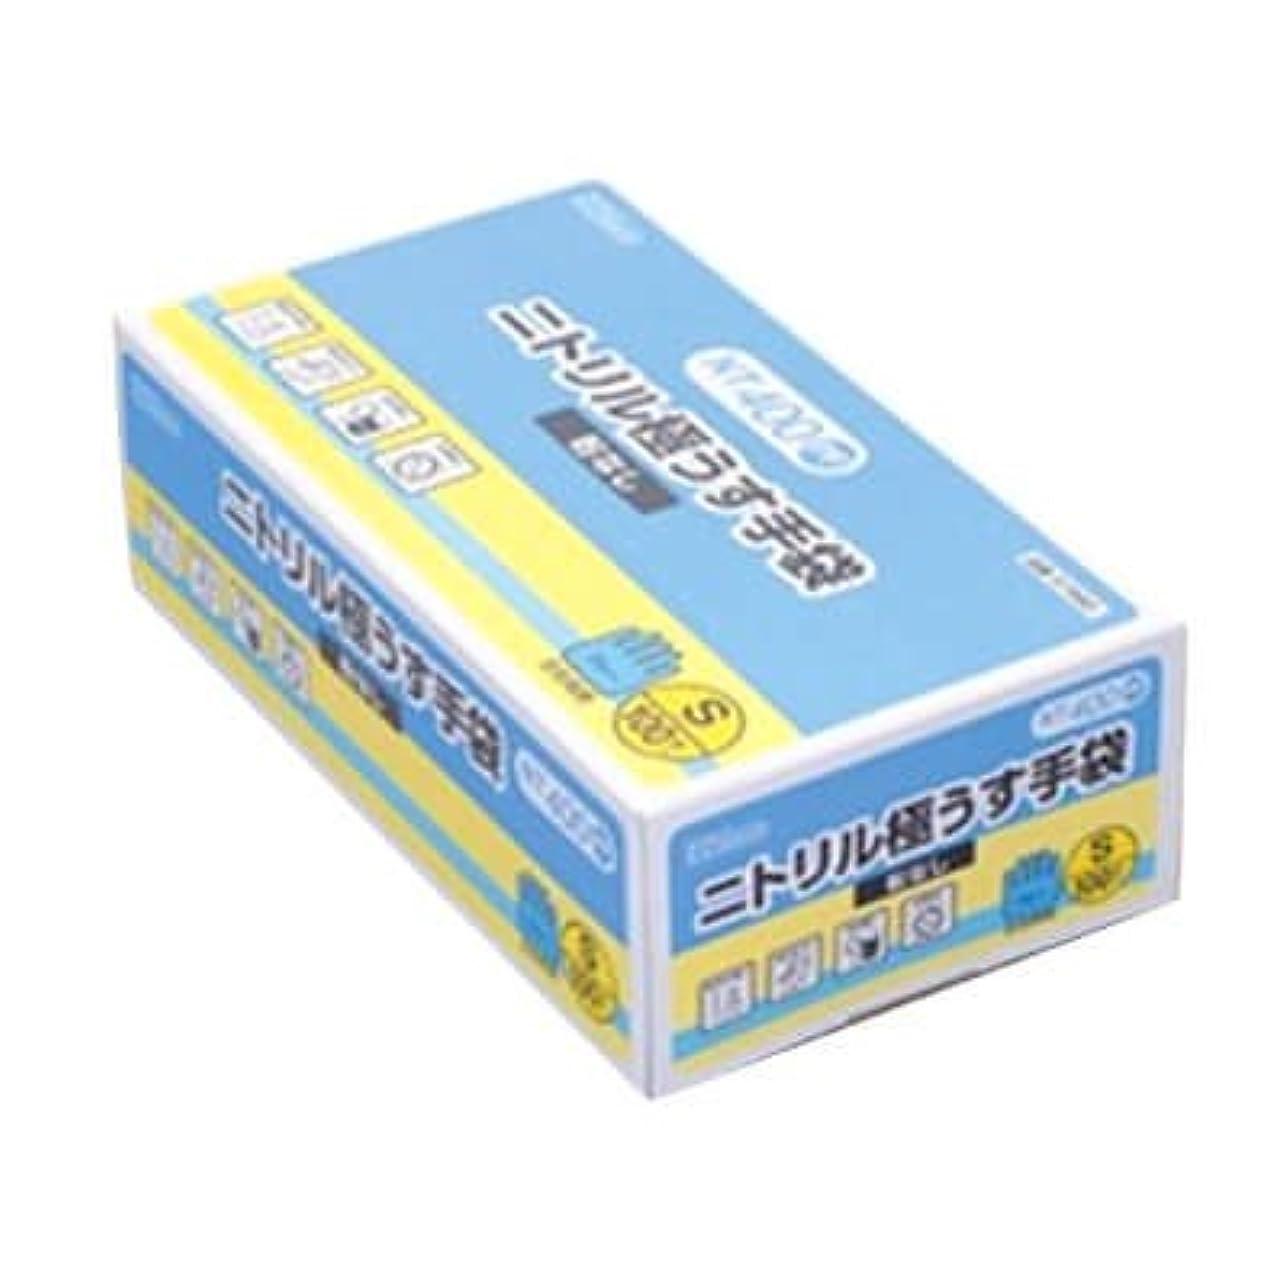 植生支店引き付ける【ケース販売】 ダンロップ ニトリル極うす手袋 粉無 S ブルー NT-400 (100枚入×20箱)